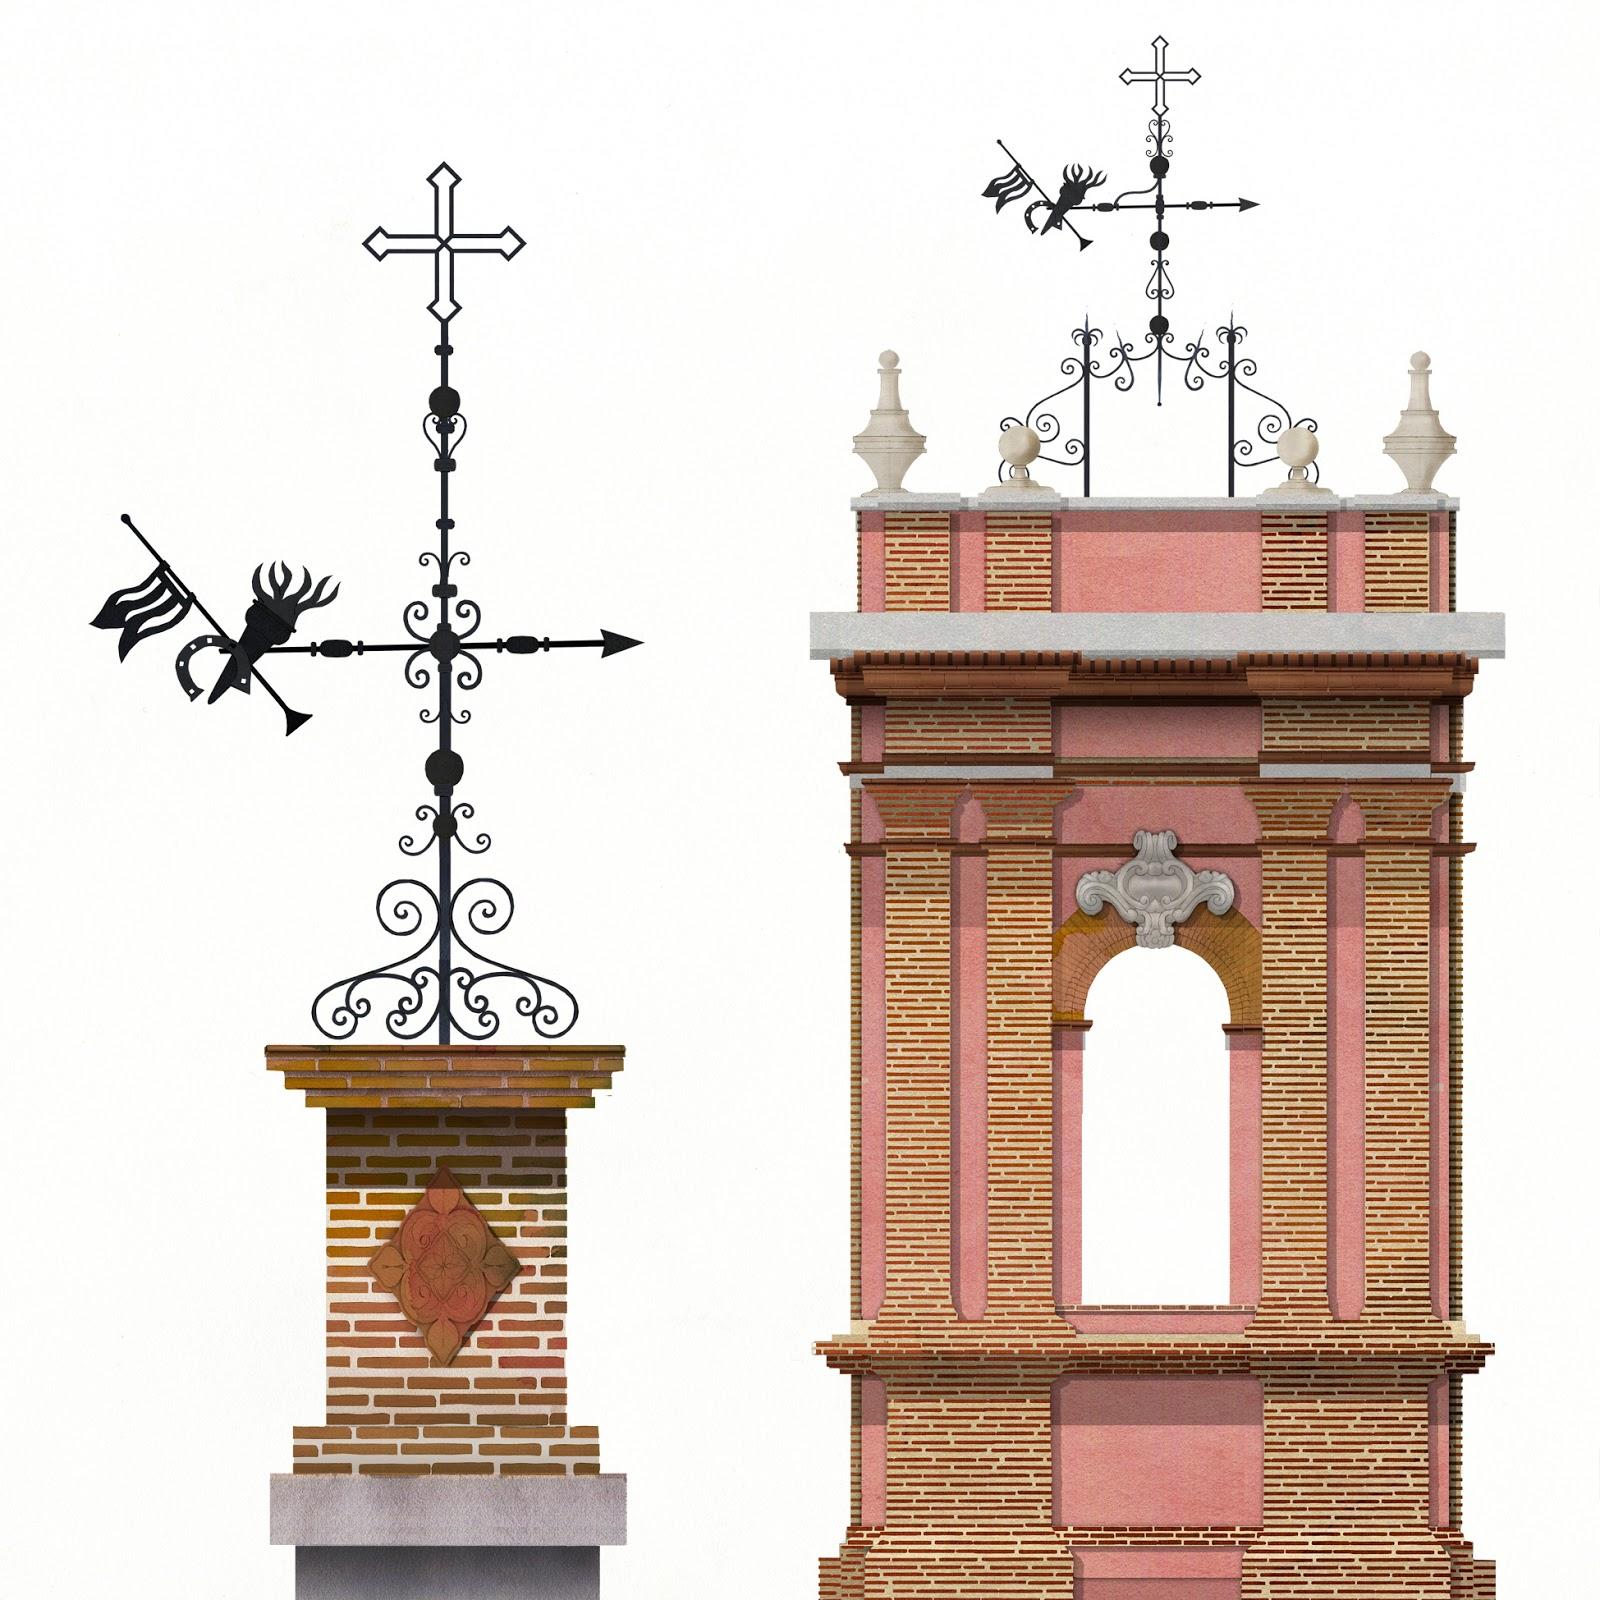 Algemesi, convento